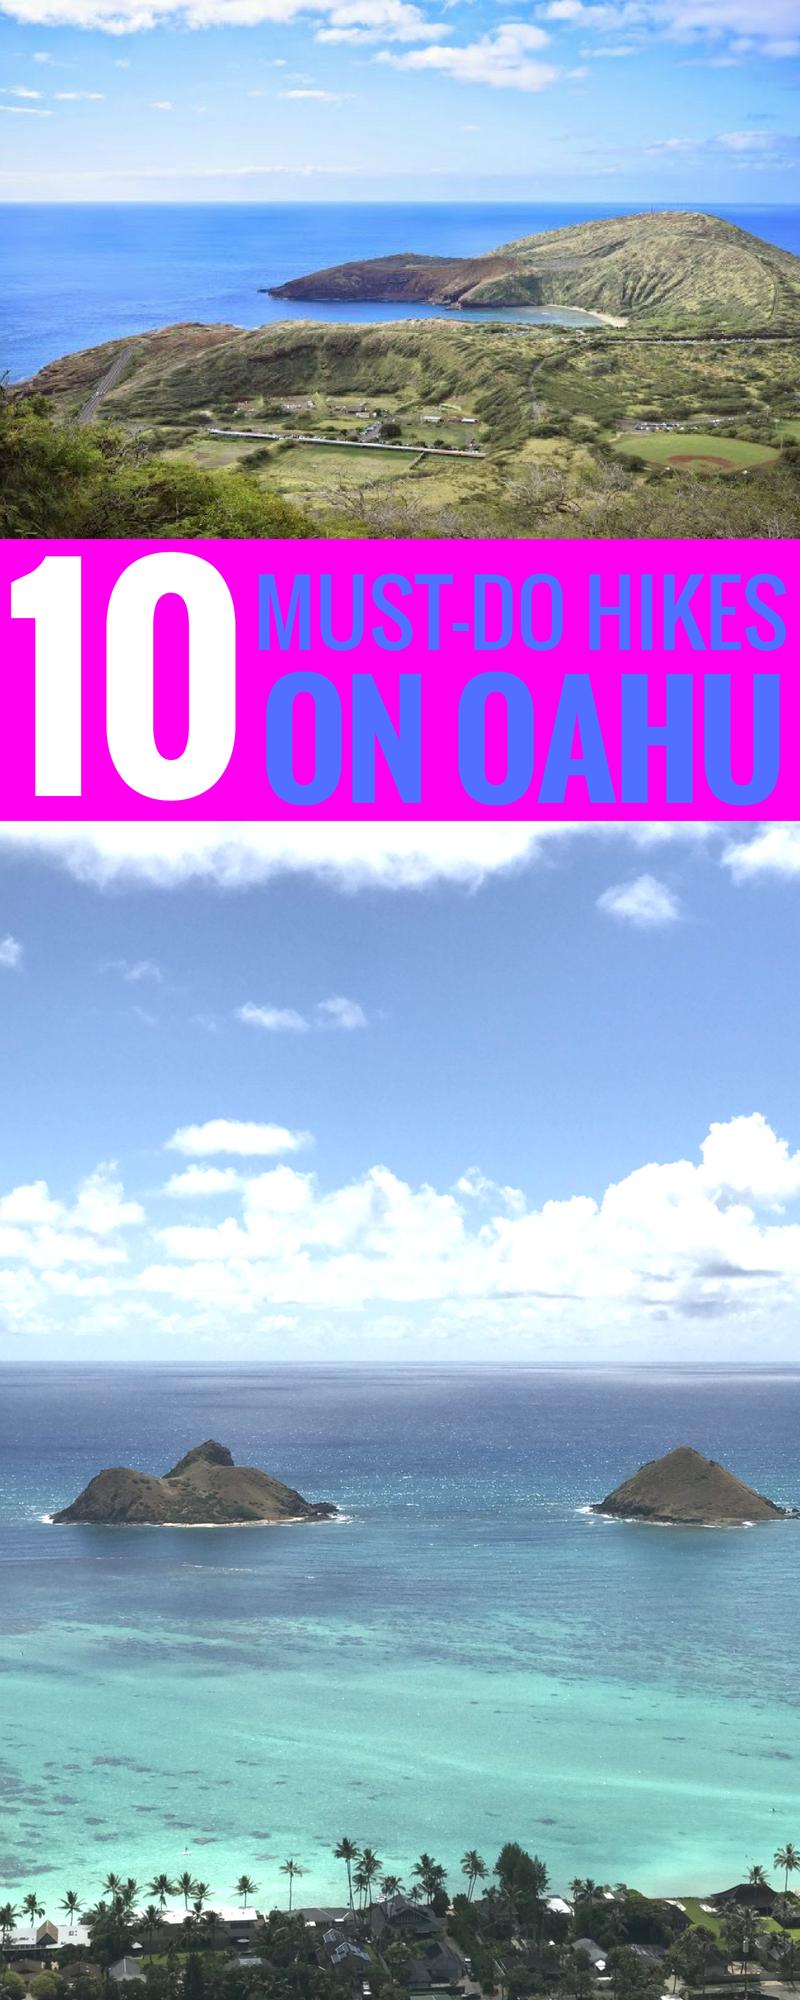 10 Best Hikes On Oahu - Hikes In Oahu - Top Oahu Hikes - Hiking In Hawaii - Best Hawaii Hikes - Best Oahu Trails - Beautiful Oahu Hikes - Communikait by Kait Hanson #hawaii #oahu #hiking #travel #honolulu #hikinginhawaii #bestoahuhikes